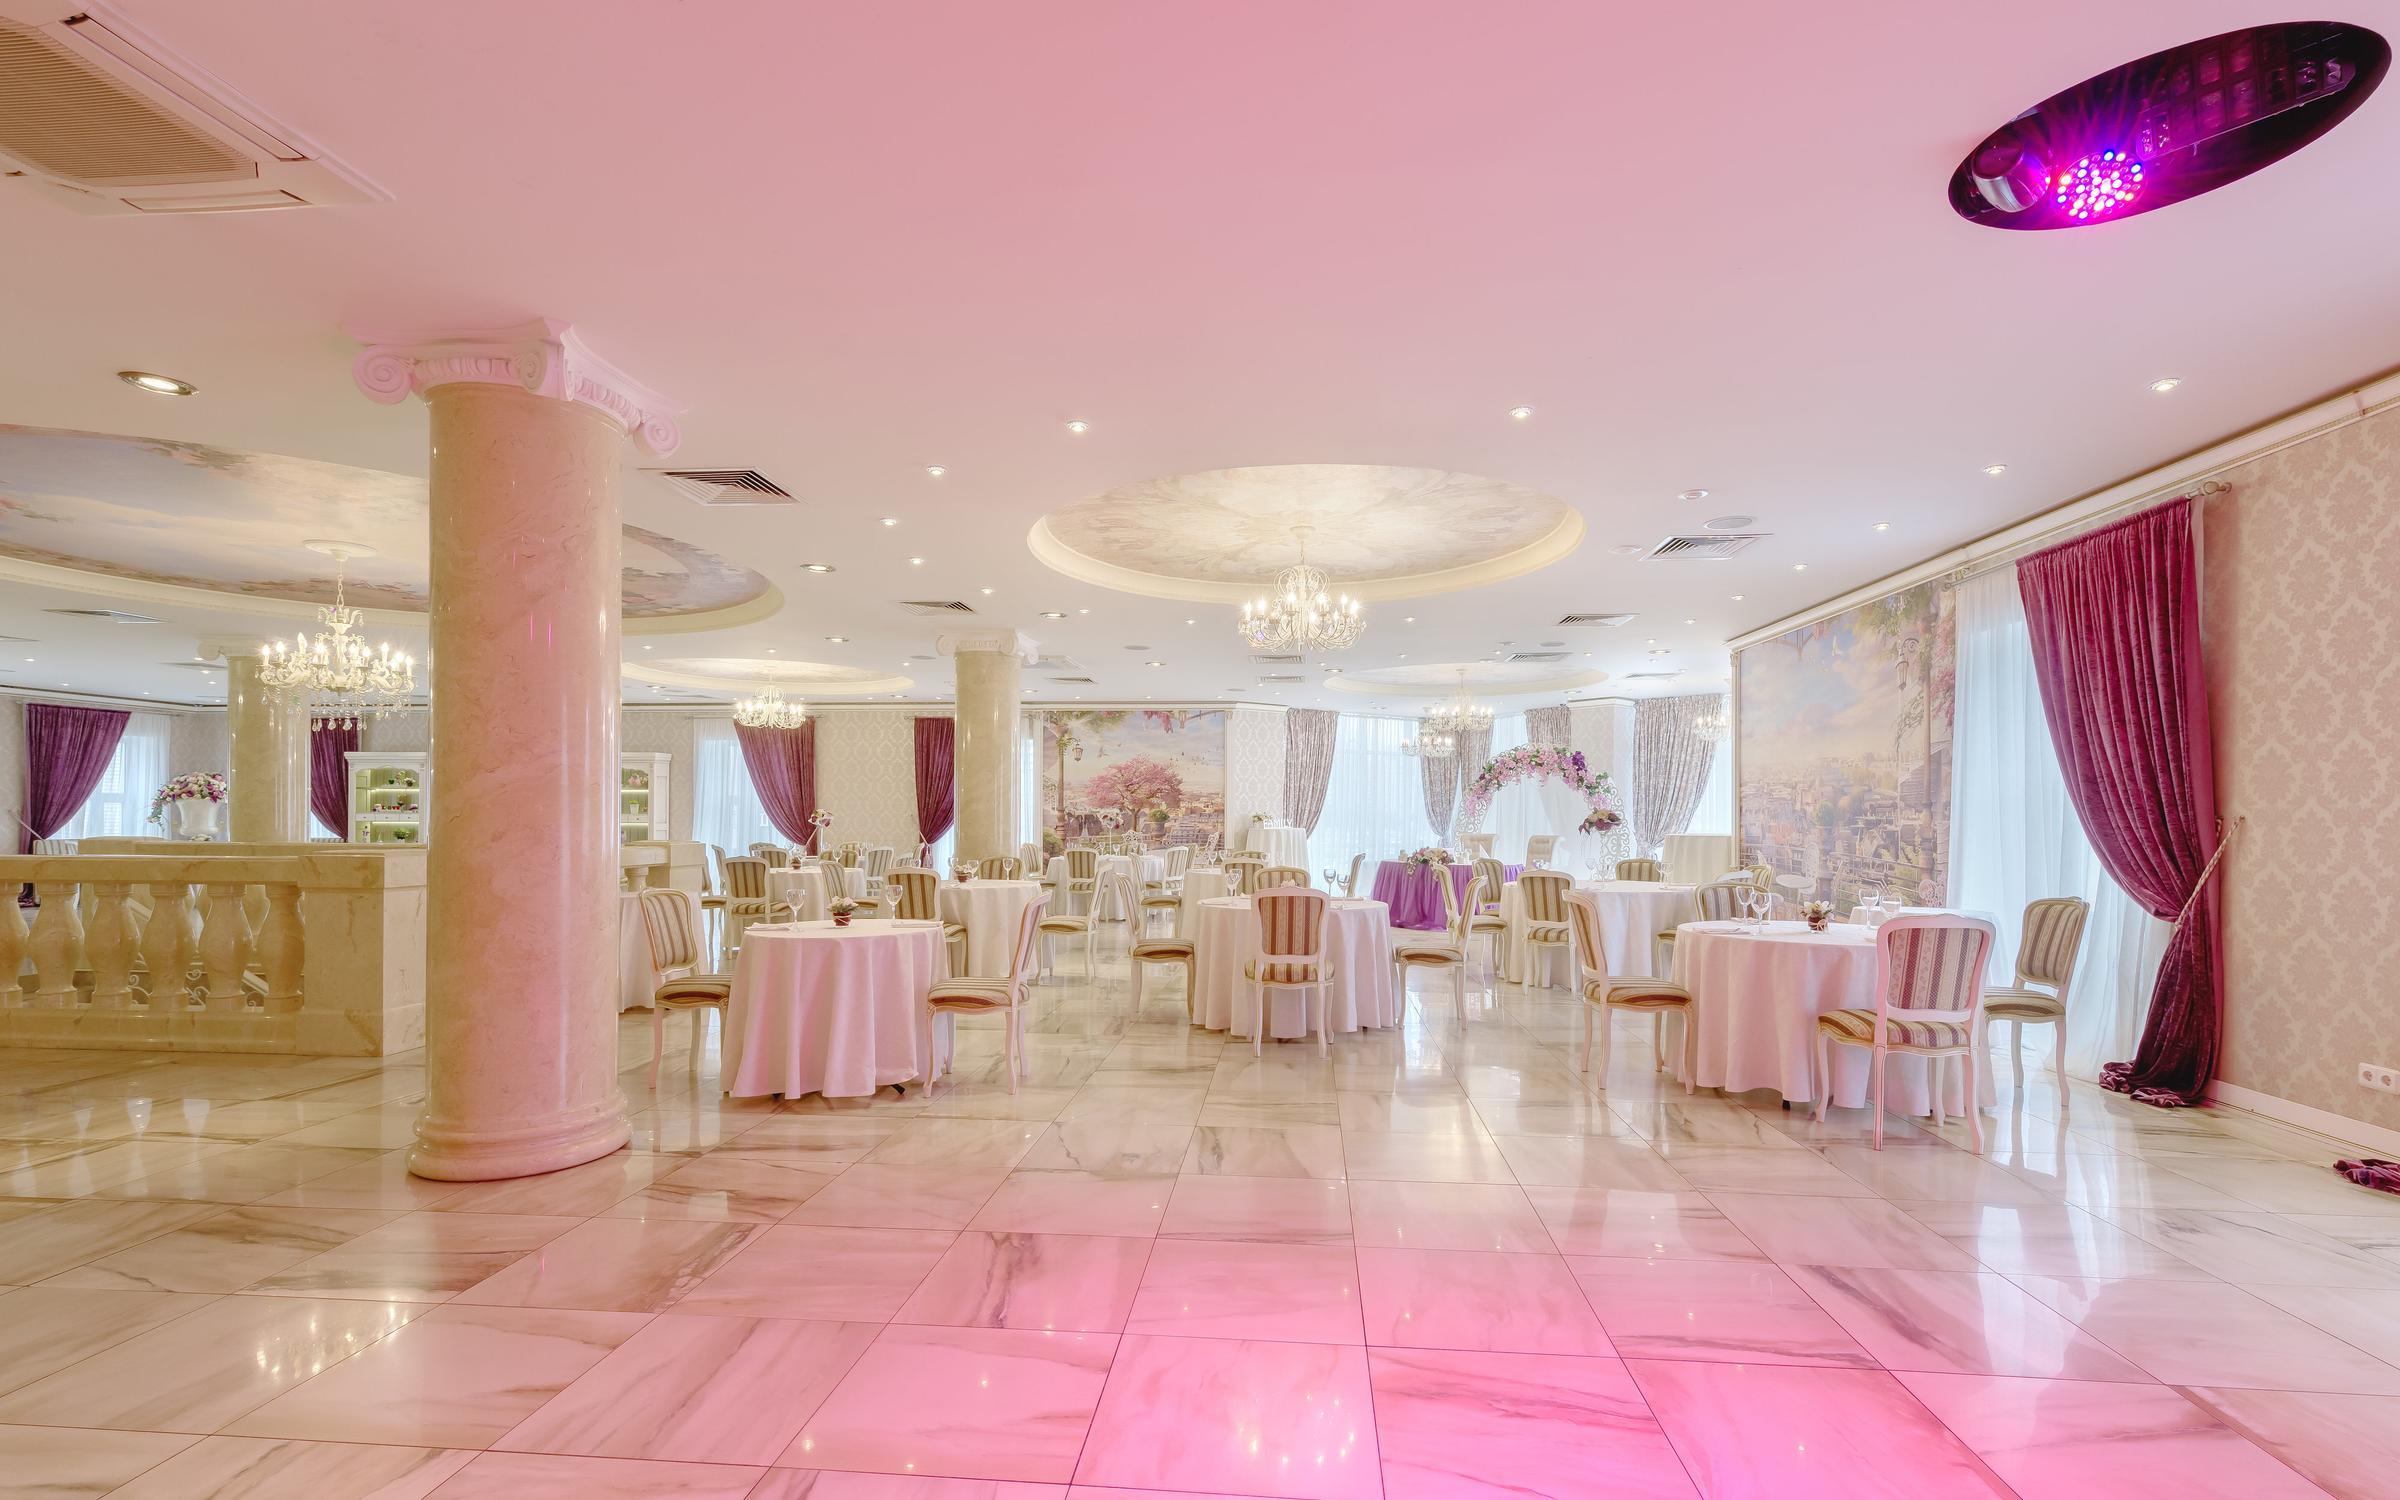 фотография Ресторанного комплекса Ля Мур на проспекте Испытателей